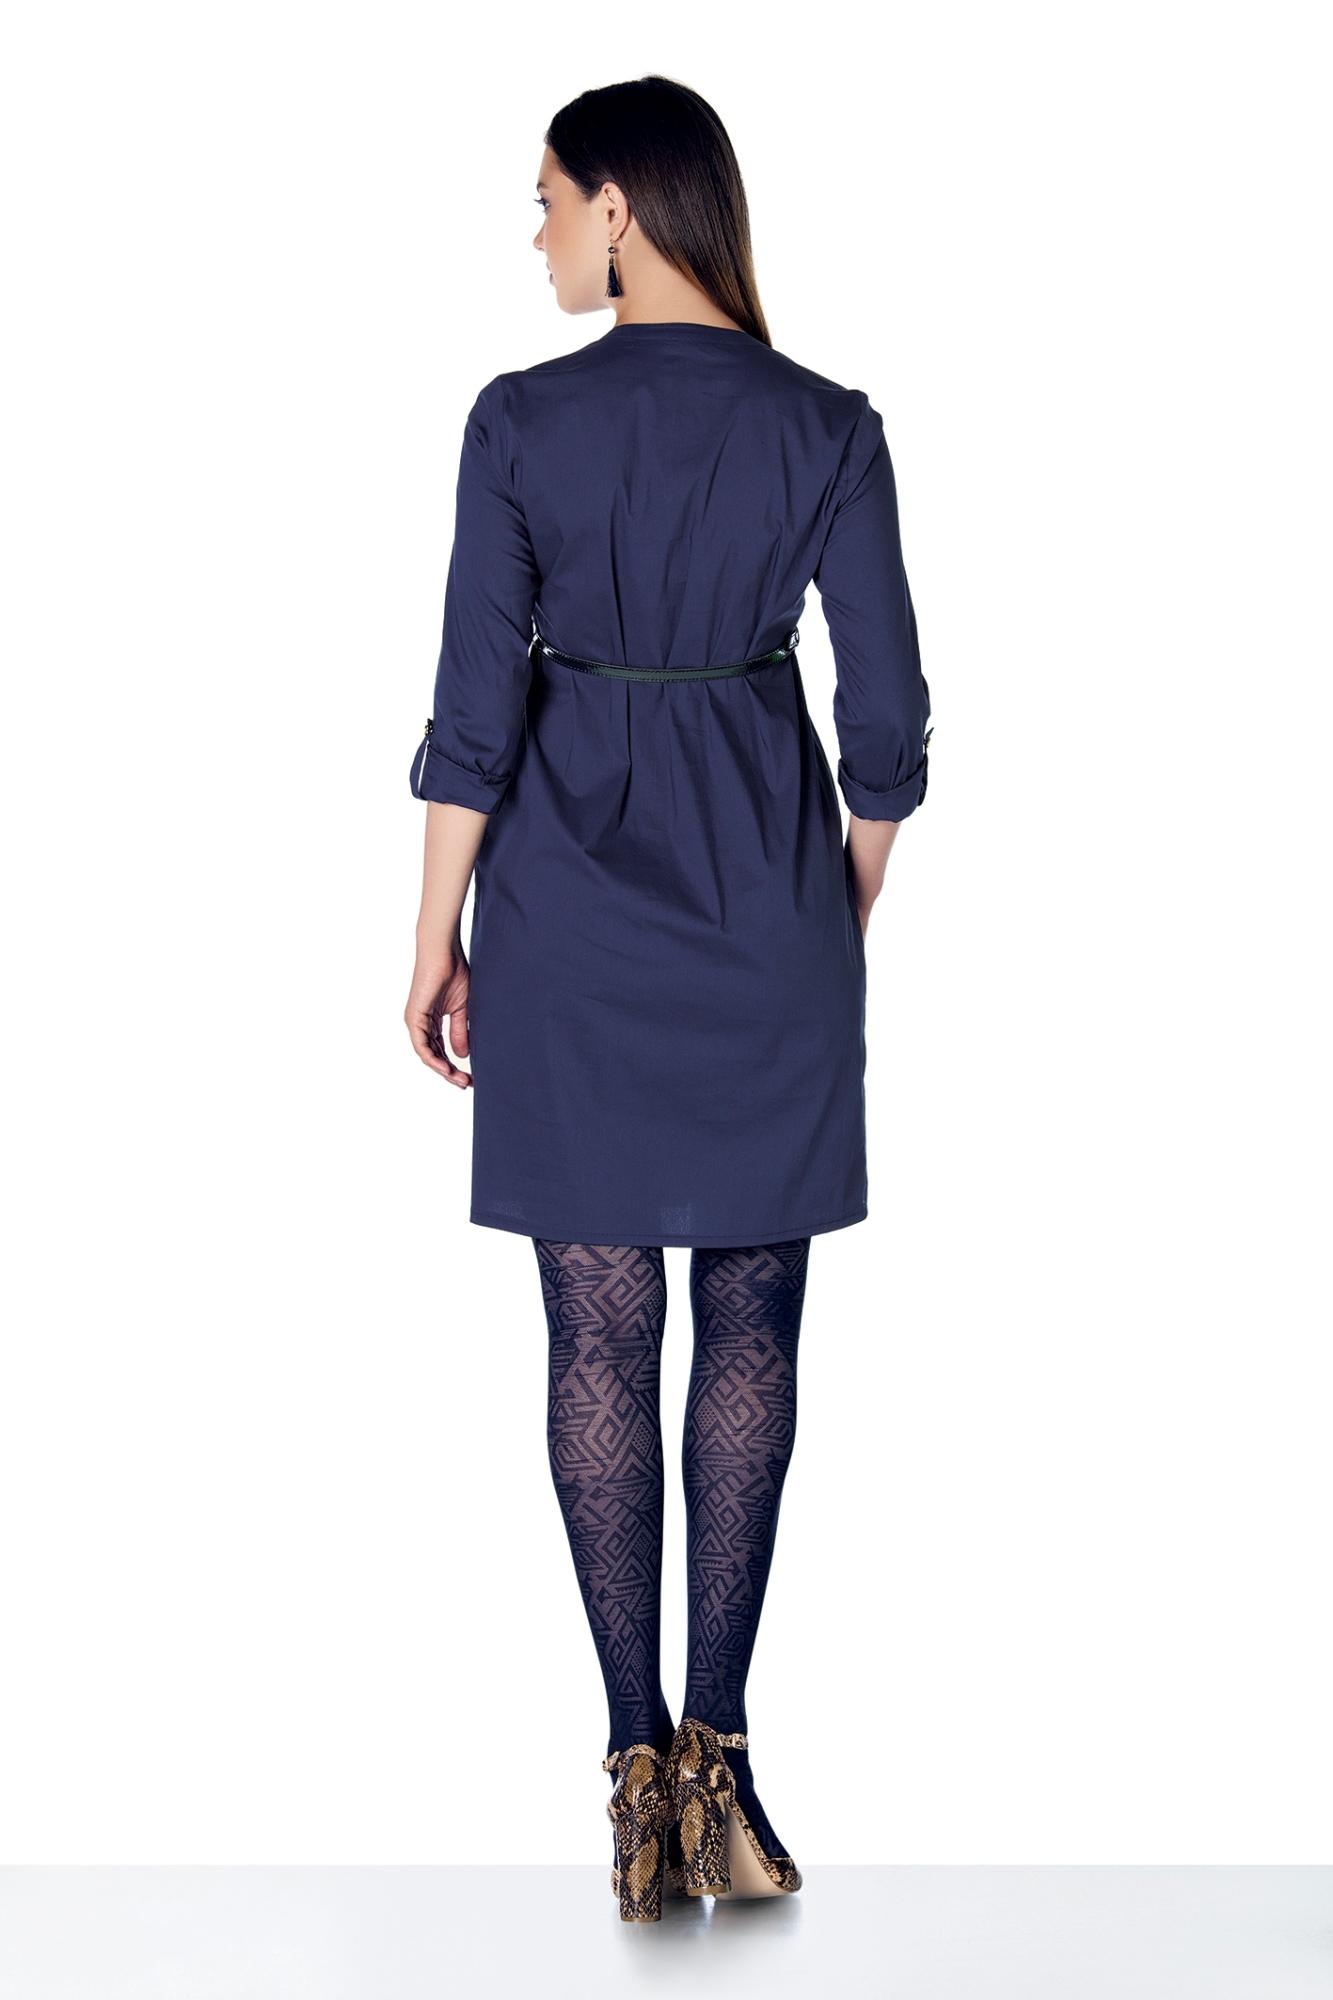 Фото платье для беременных EBRU, приталенное от магазина СкороМама, синий, размеры.